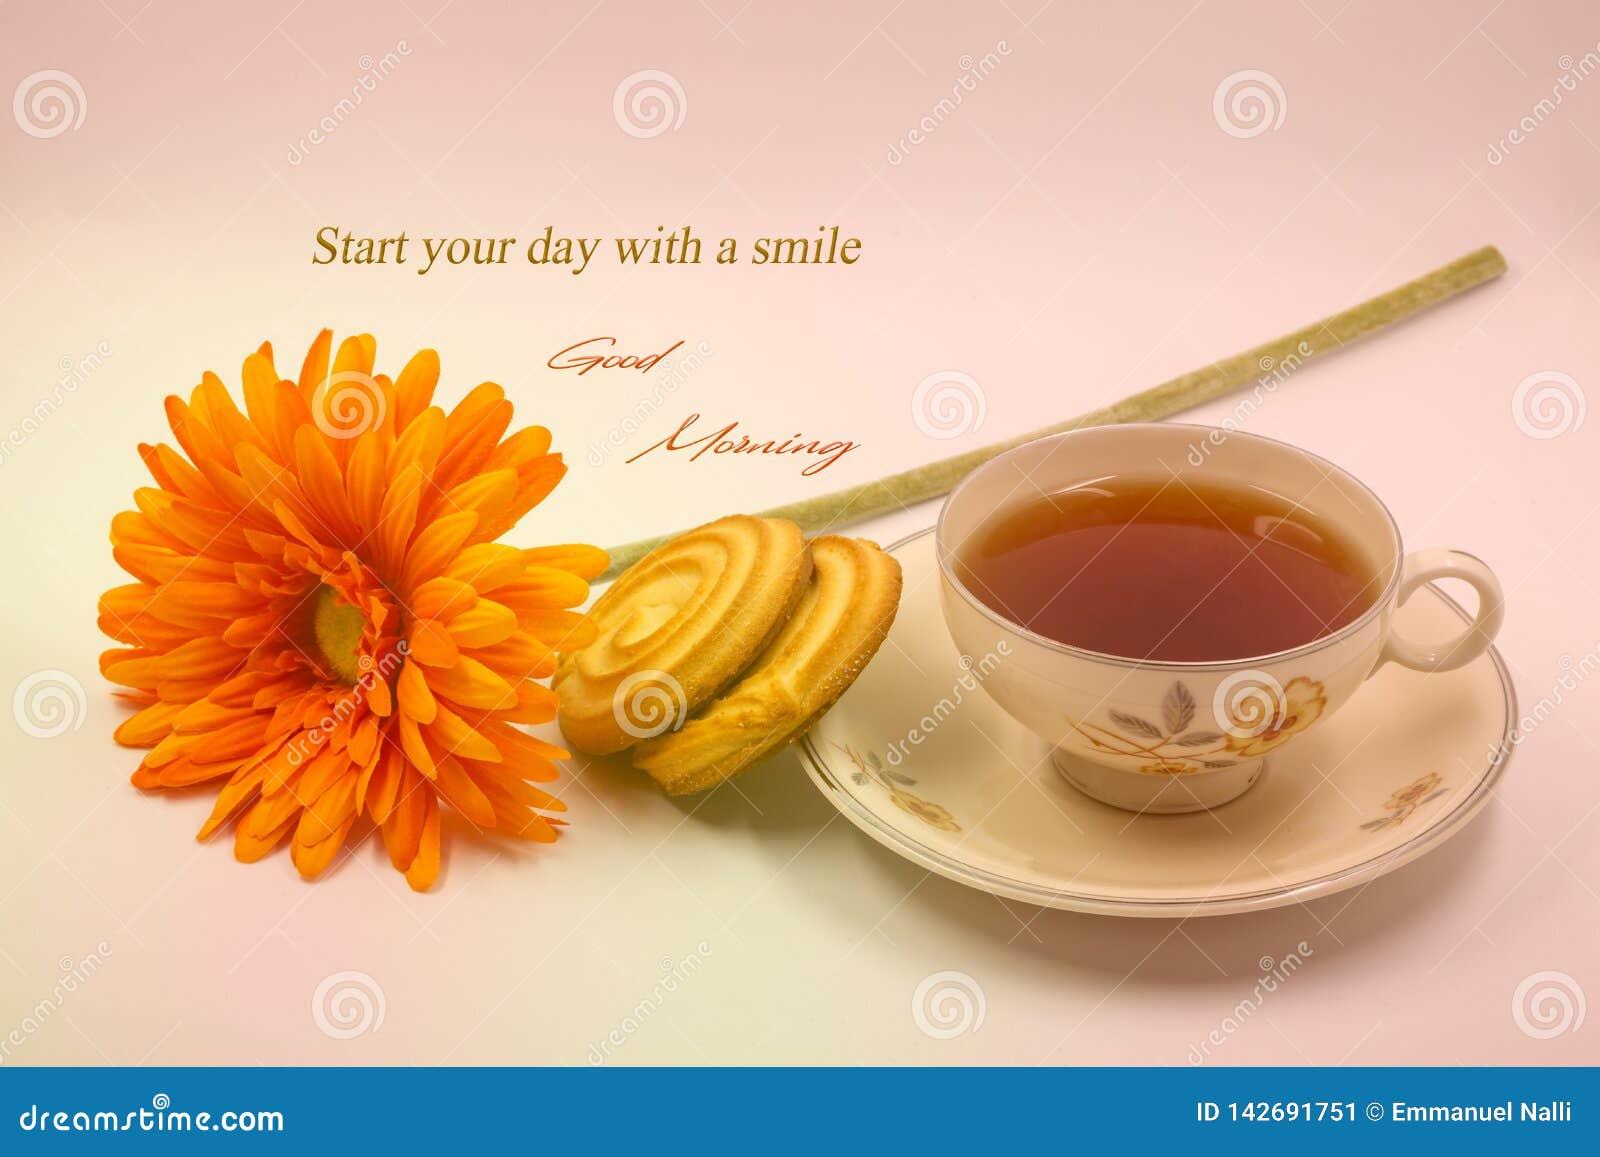 Ett citationsteckenfoto för bra morgon med kopp te, blomman och kakor